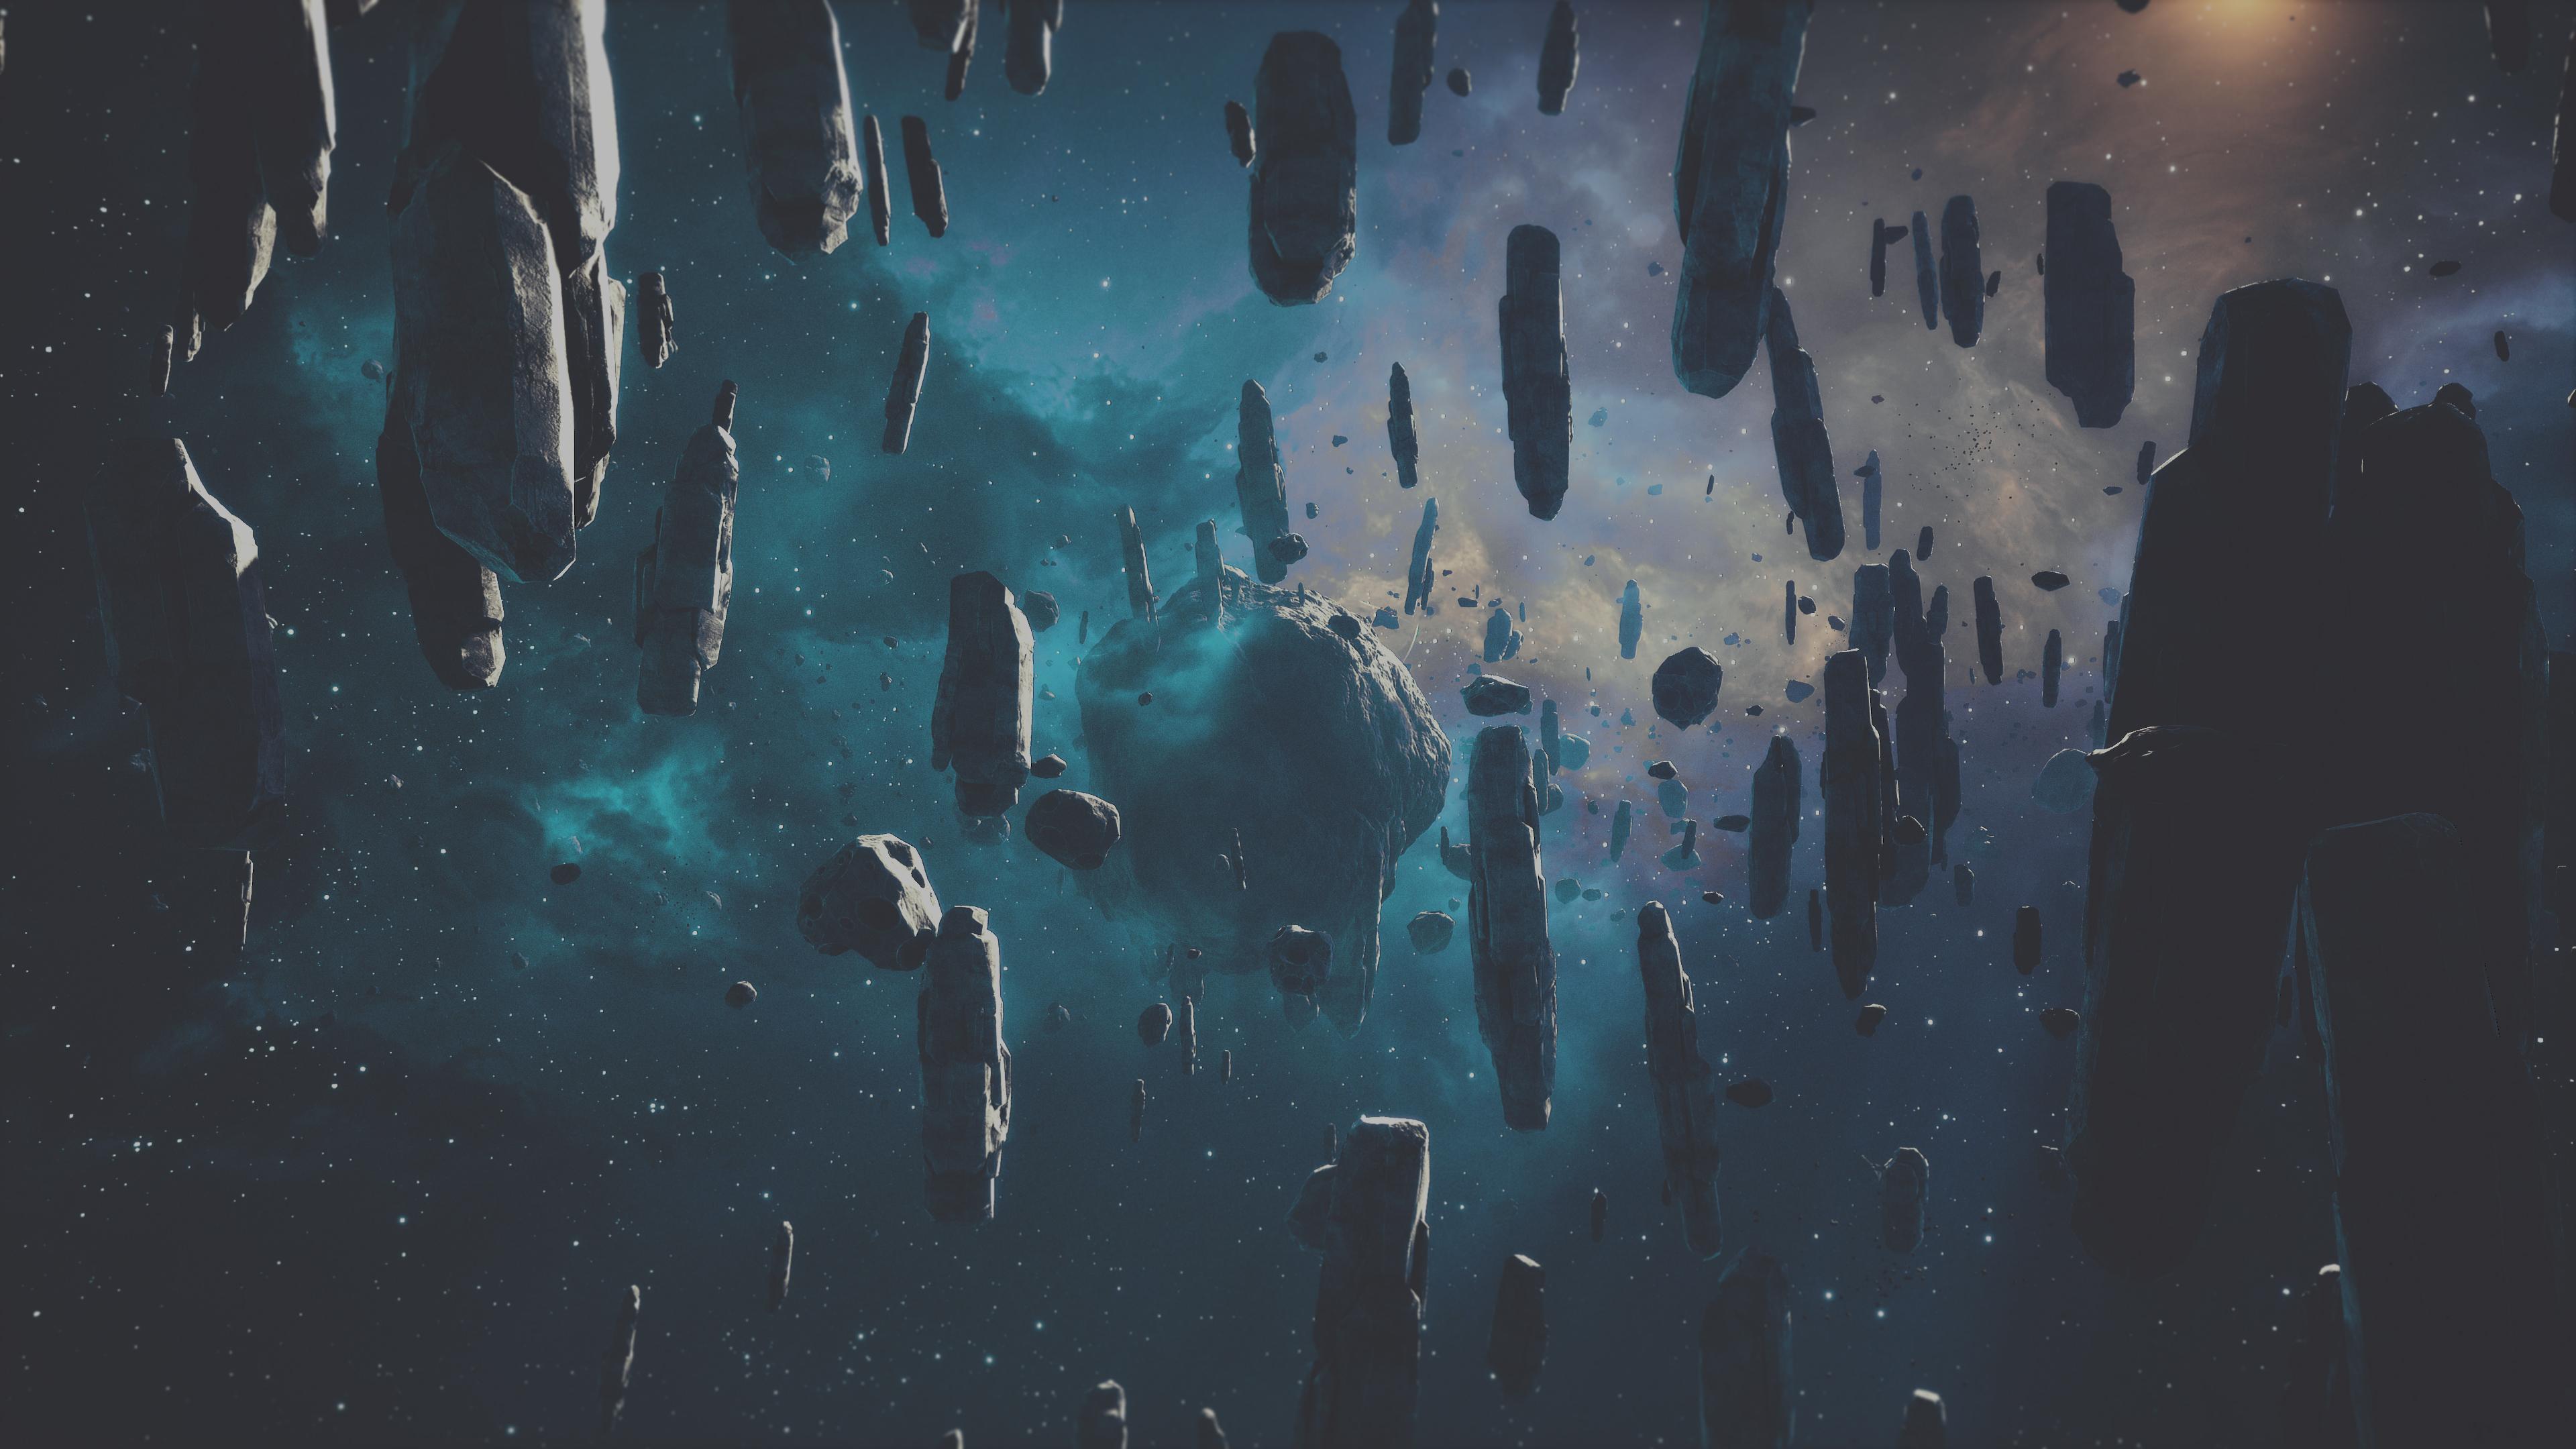 falling asteroid 4k 1546279337 - Falling Asteroid 4k - hd-wallpapers, digital universe wallpapers, asteroid wallpapers, 4k-wallpapers